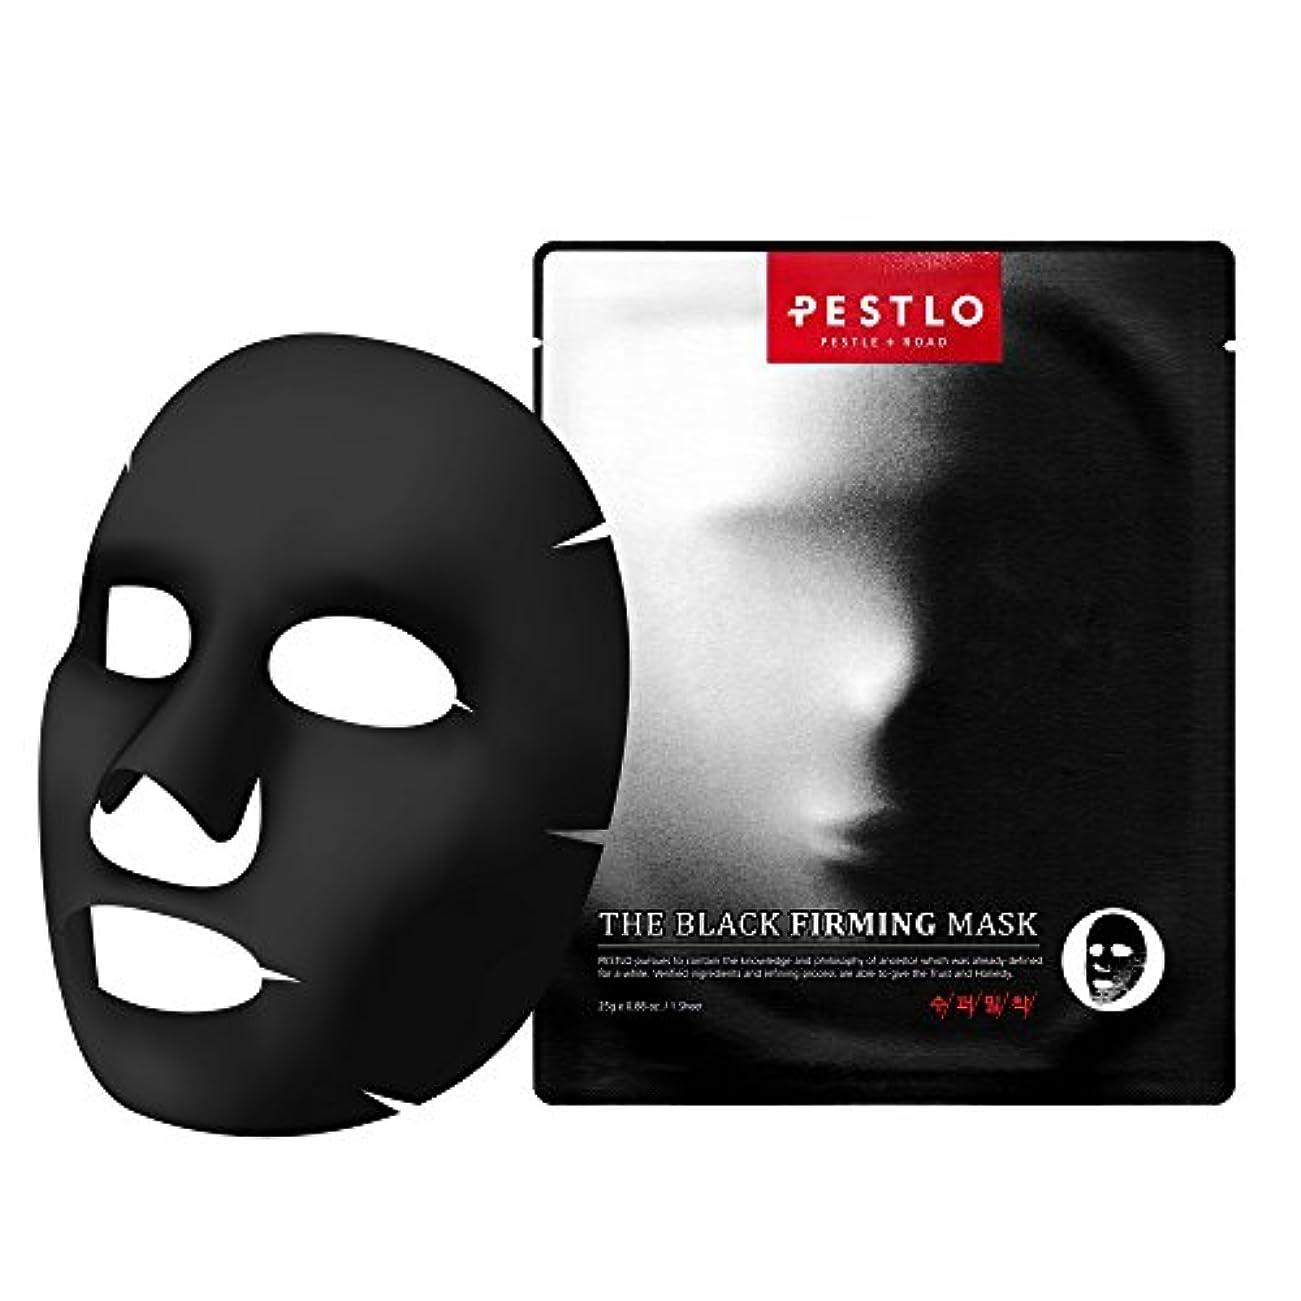 写真を撮るブーム関係Pestlo The Black Firming Mask 7 Sheets 【ペスロザブラックファーミングマスク】 - モイスチャ 抗酸化効果 透明スキンケア 韓国コスメ 1シート / 25g